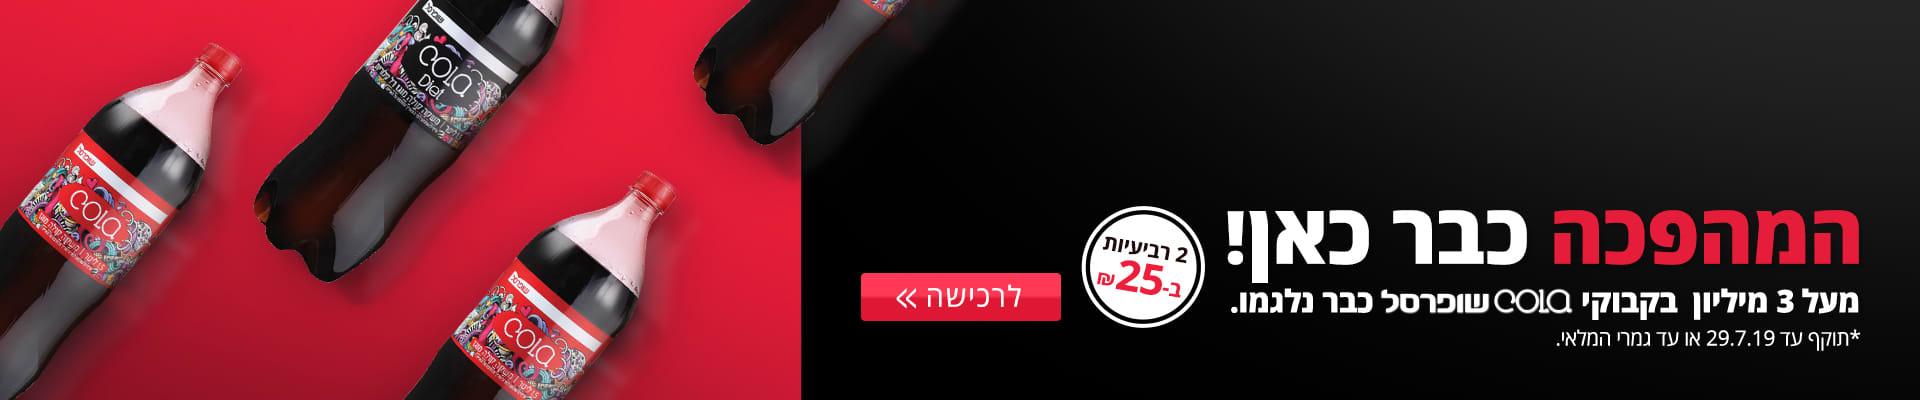 100376_69536_shufersal_cola_banner_c15_1920x400_v3.jpg